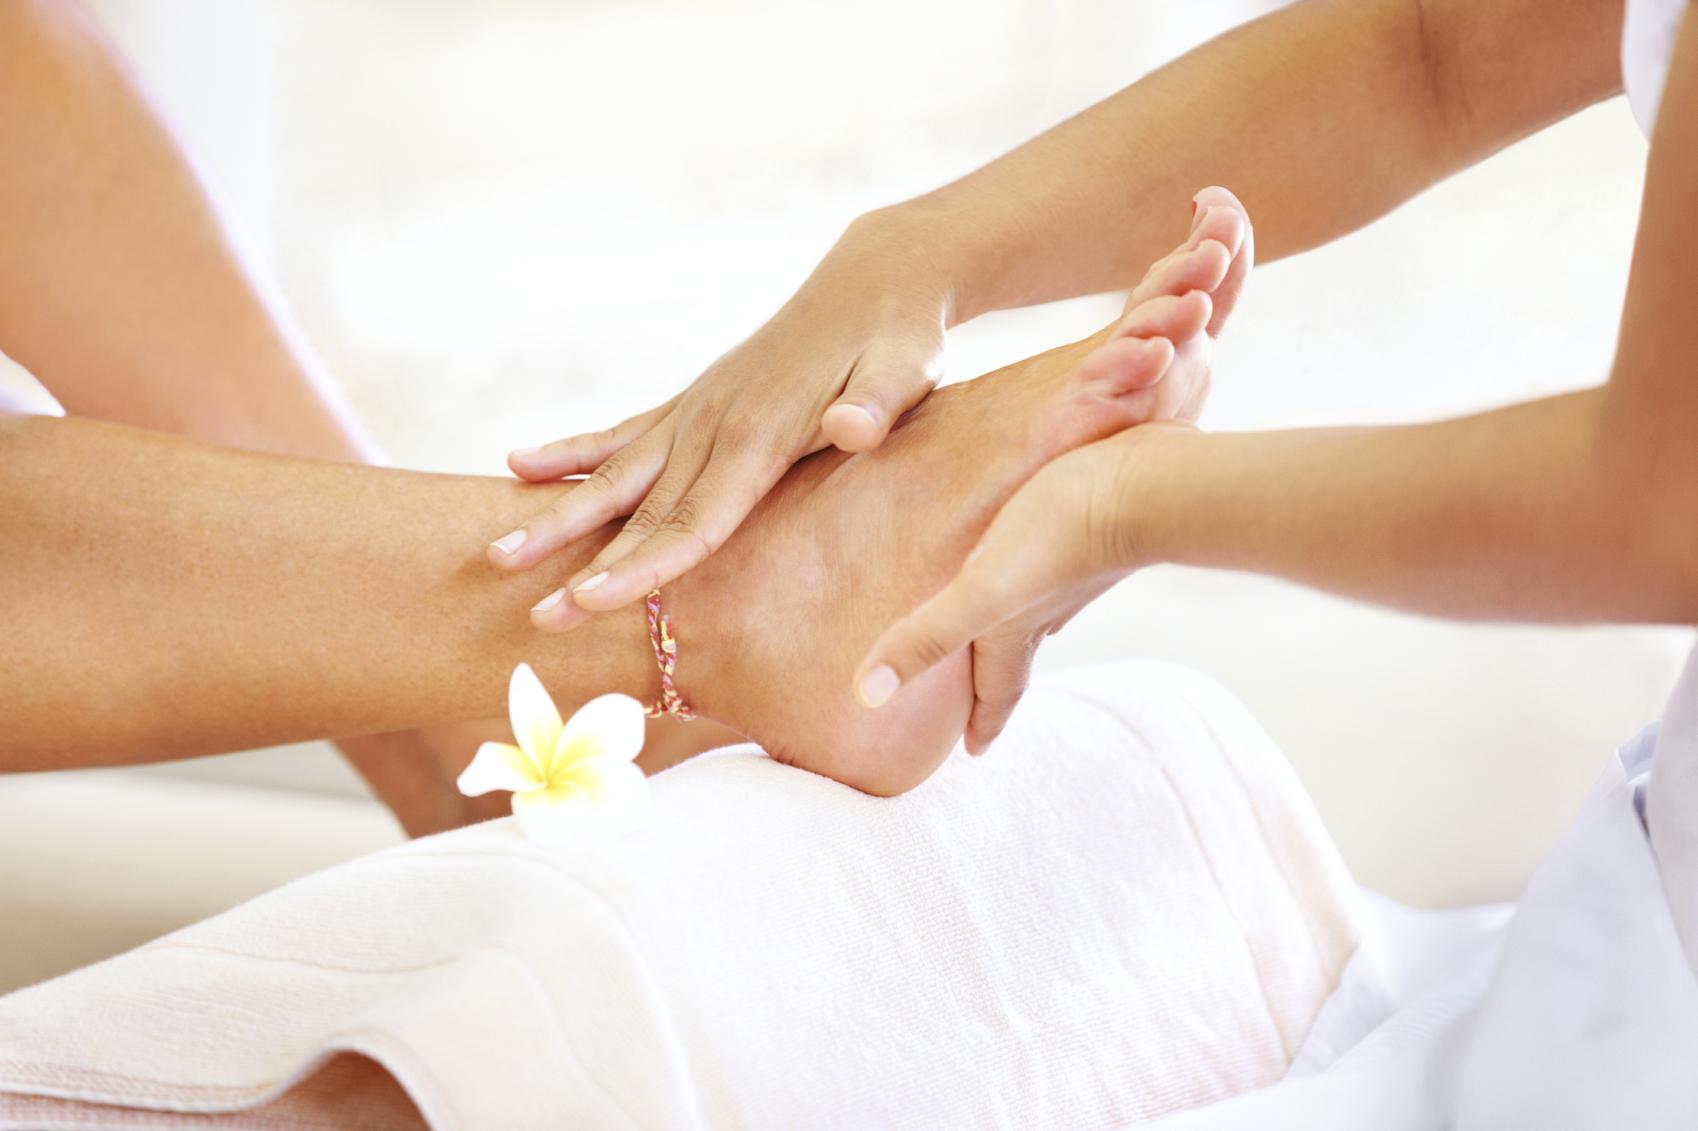 массаж ног. картинки